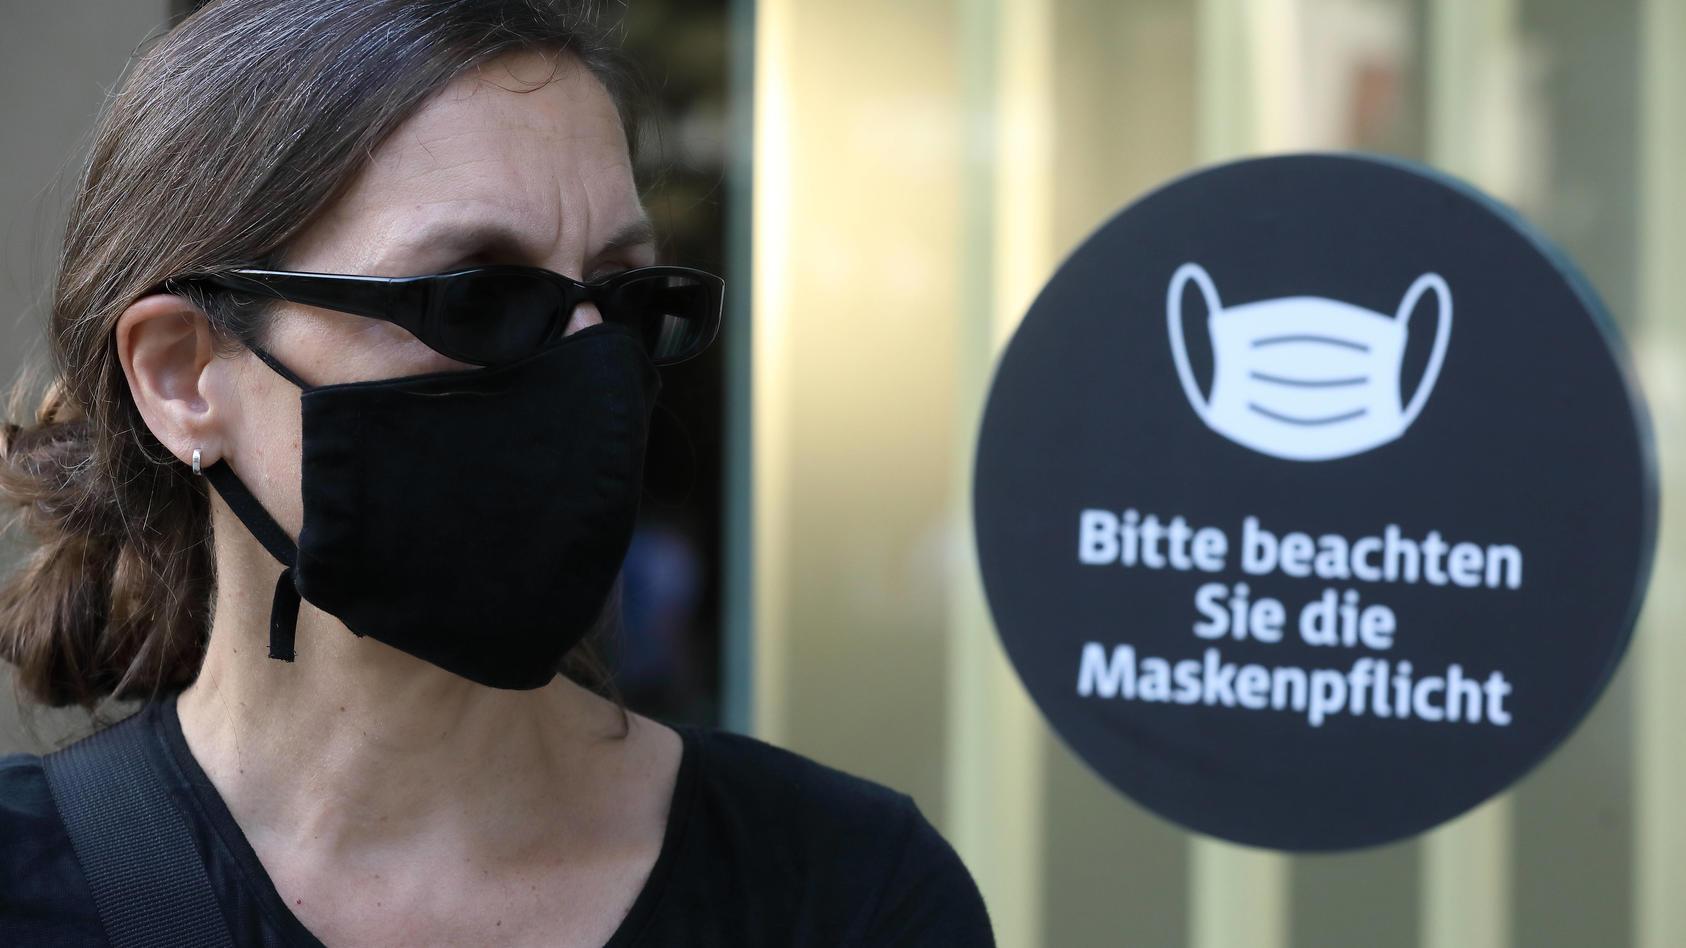 Maske tragen - das ist mittlerweile fast überall die Anweisung. Ob der Mundschutz etwas bringt, wird nun wieder heftig diskutiert.